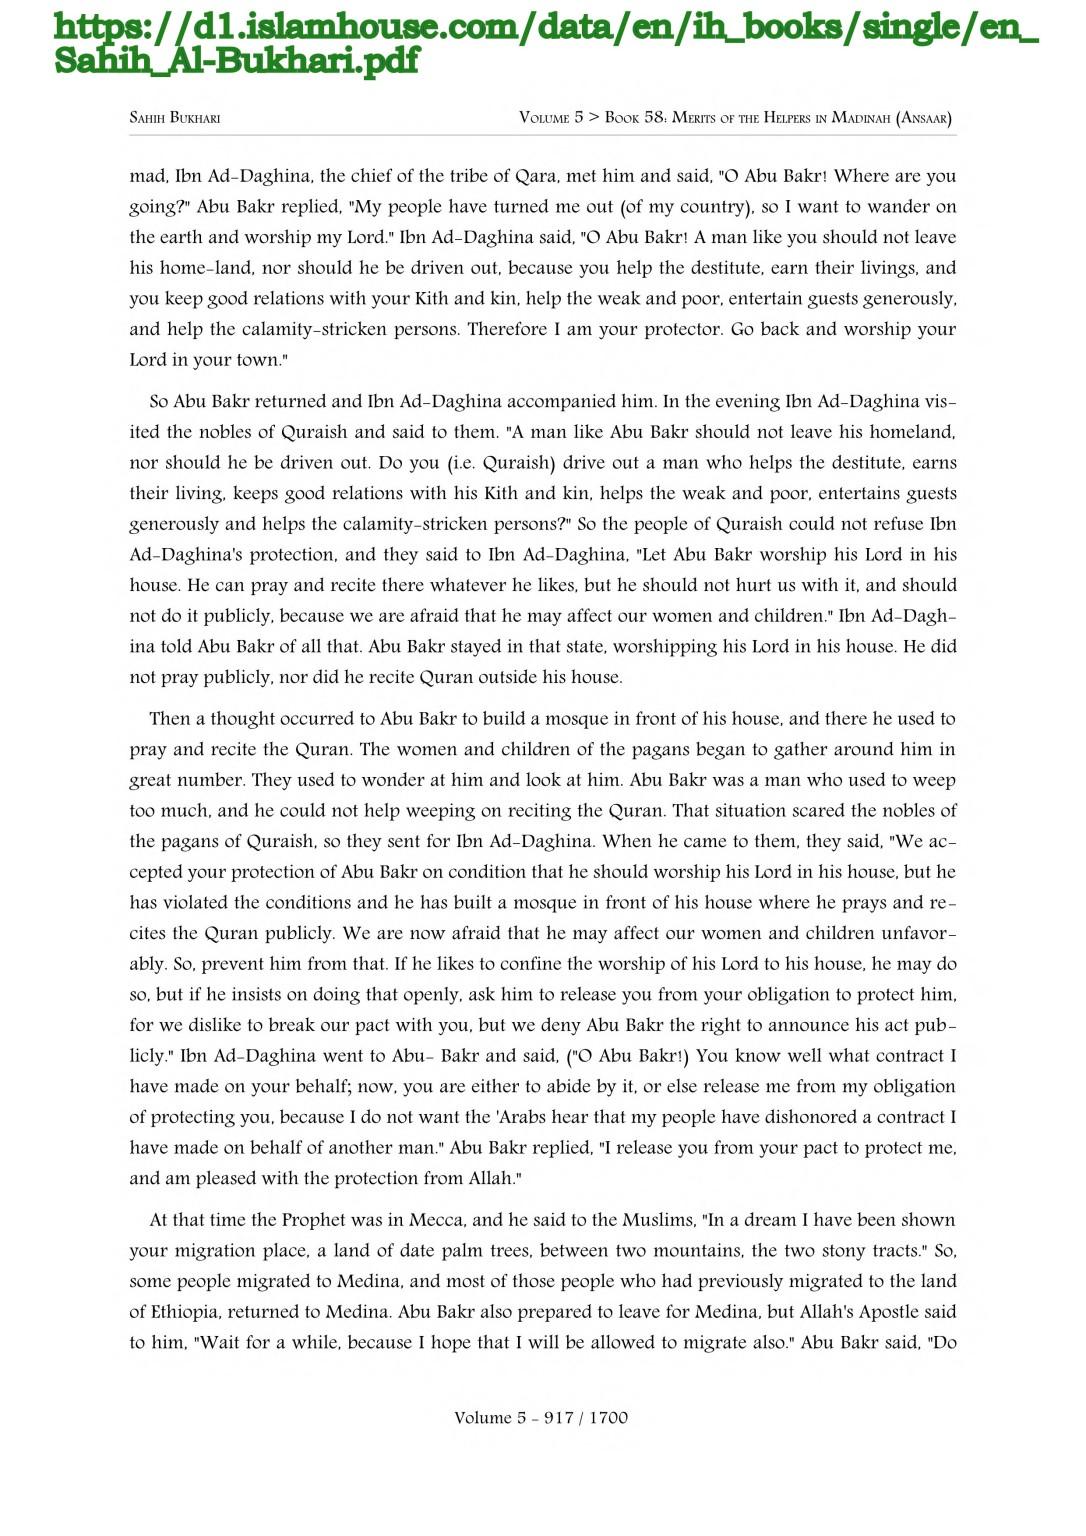 Sahih_Al-Bukhari_0916 (2)